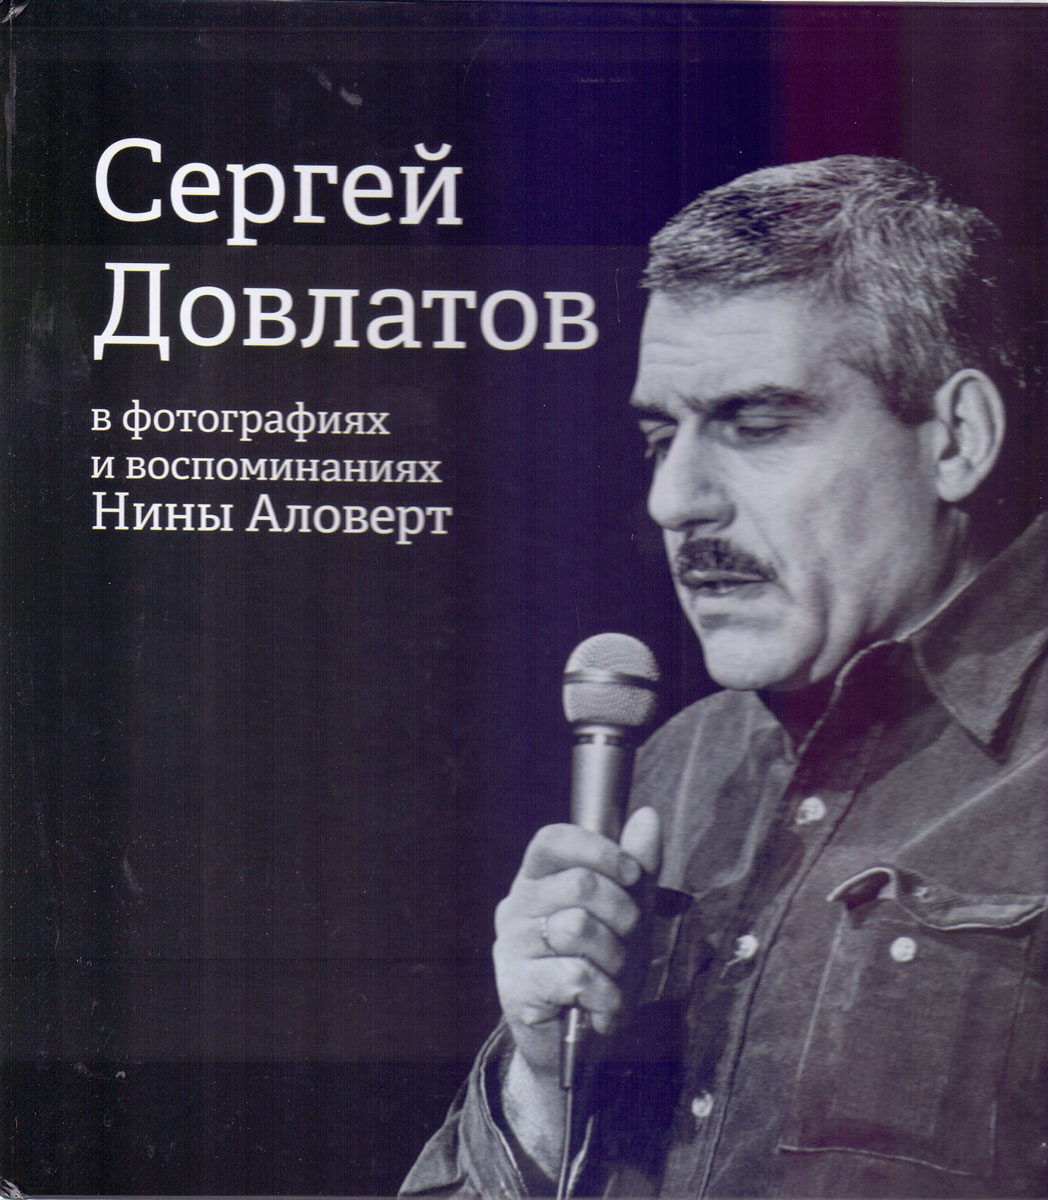 Нина Аловерт Сергей Довлатов в фотографиях и воспоминаниях Нины Аловерт